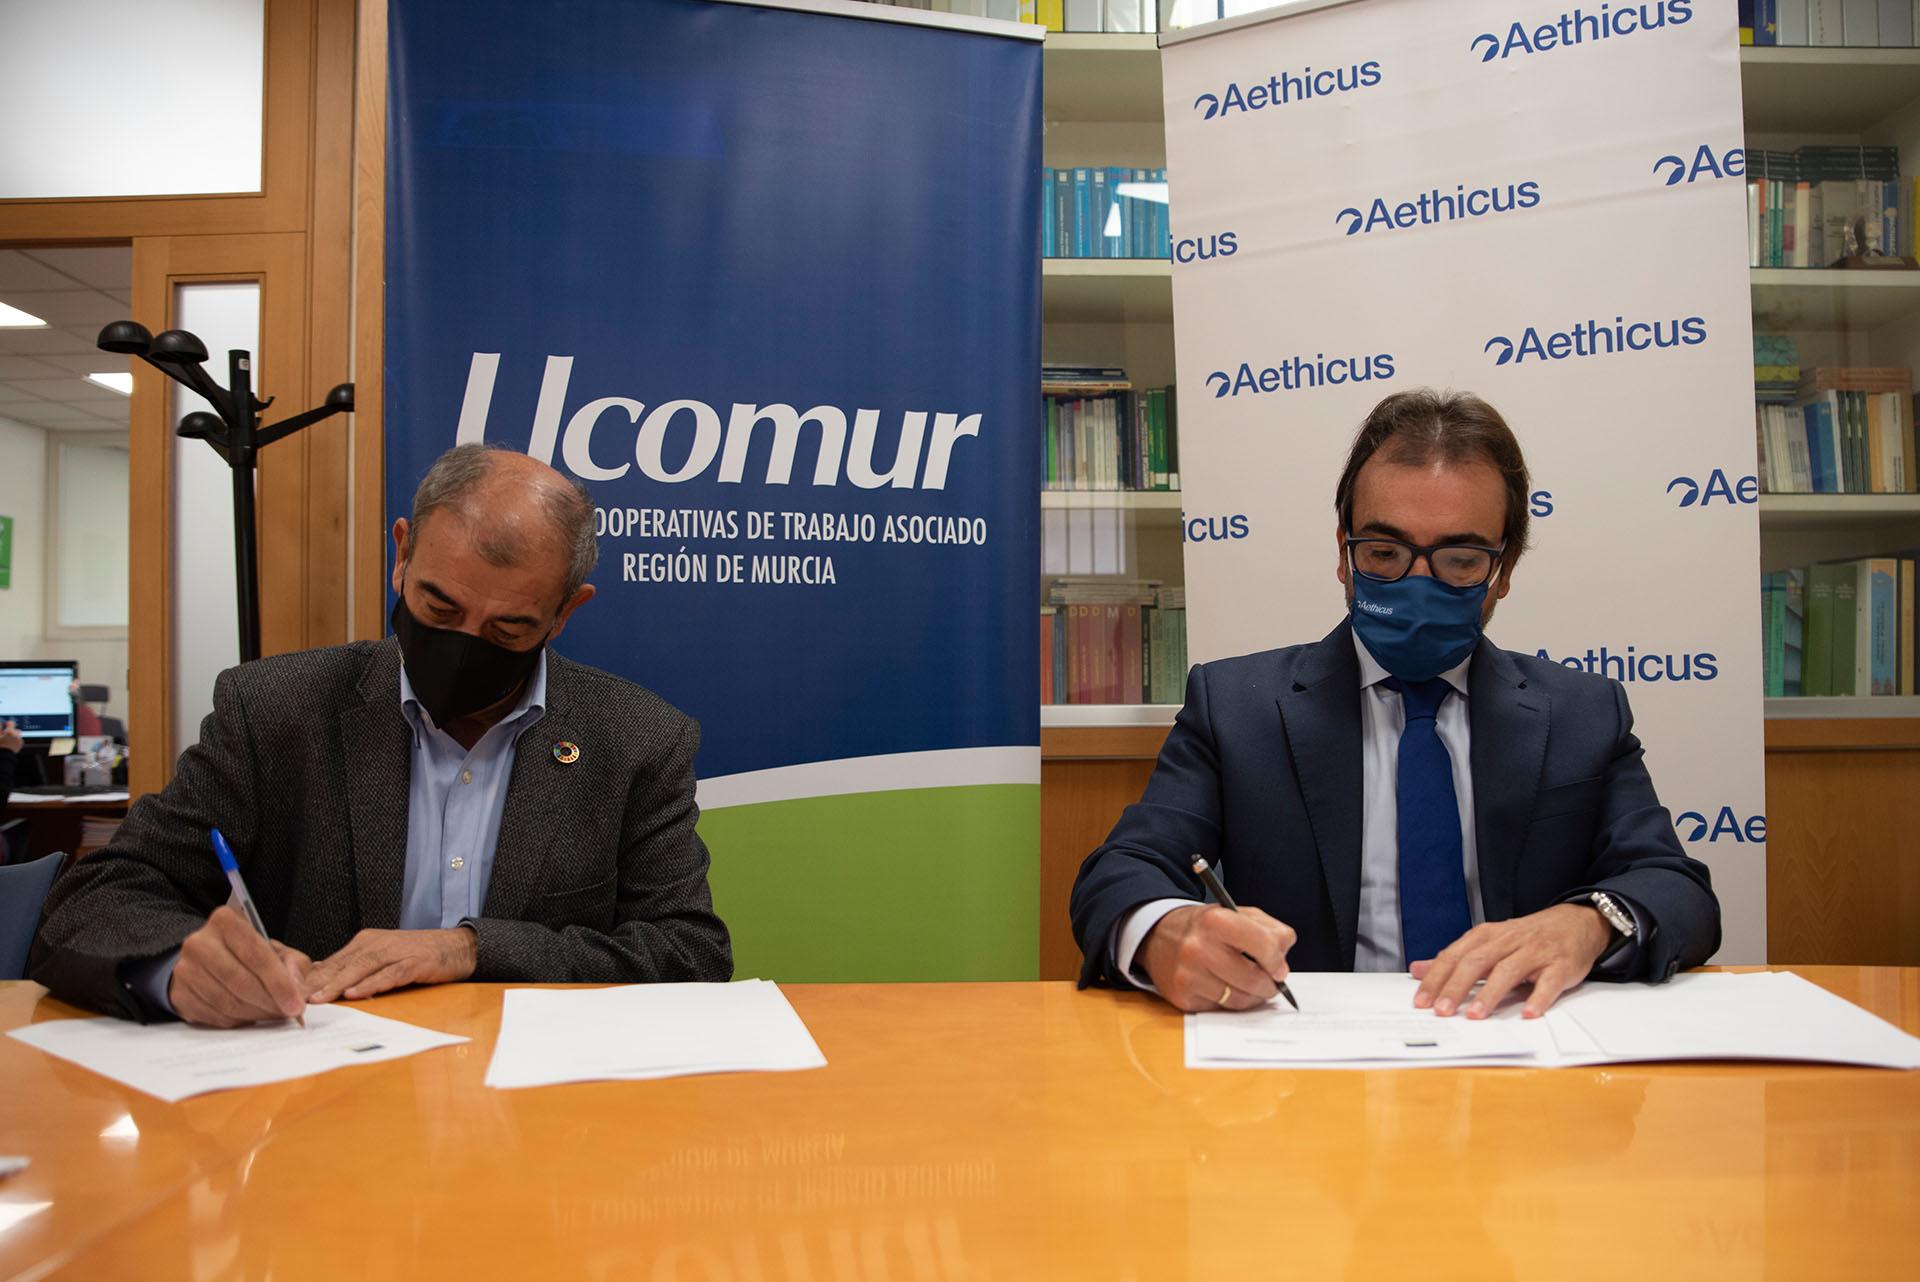 UCOMUR y Aethicus firman un convenio que permite a los cooperativistas obtener descuentos y beneficios en el campo del derecho inmobiliario